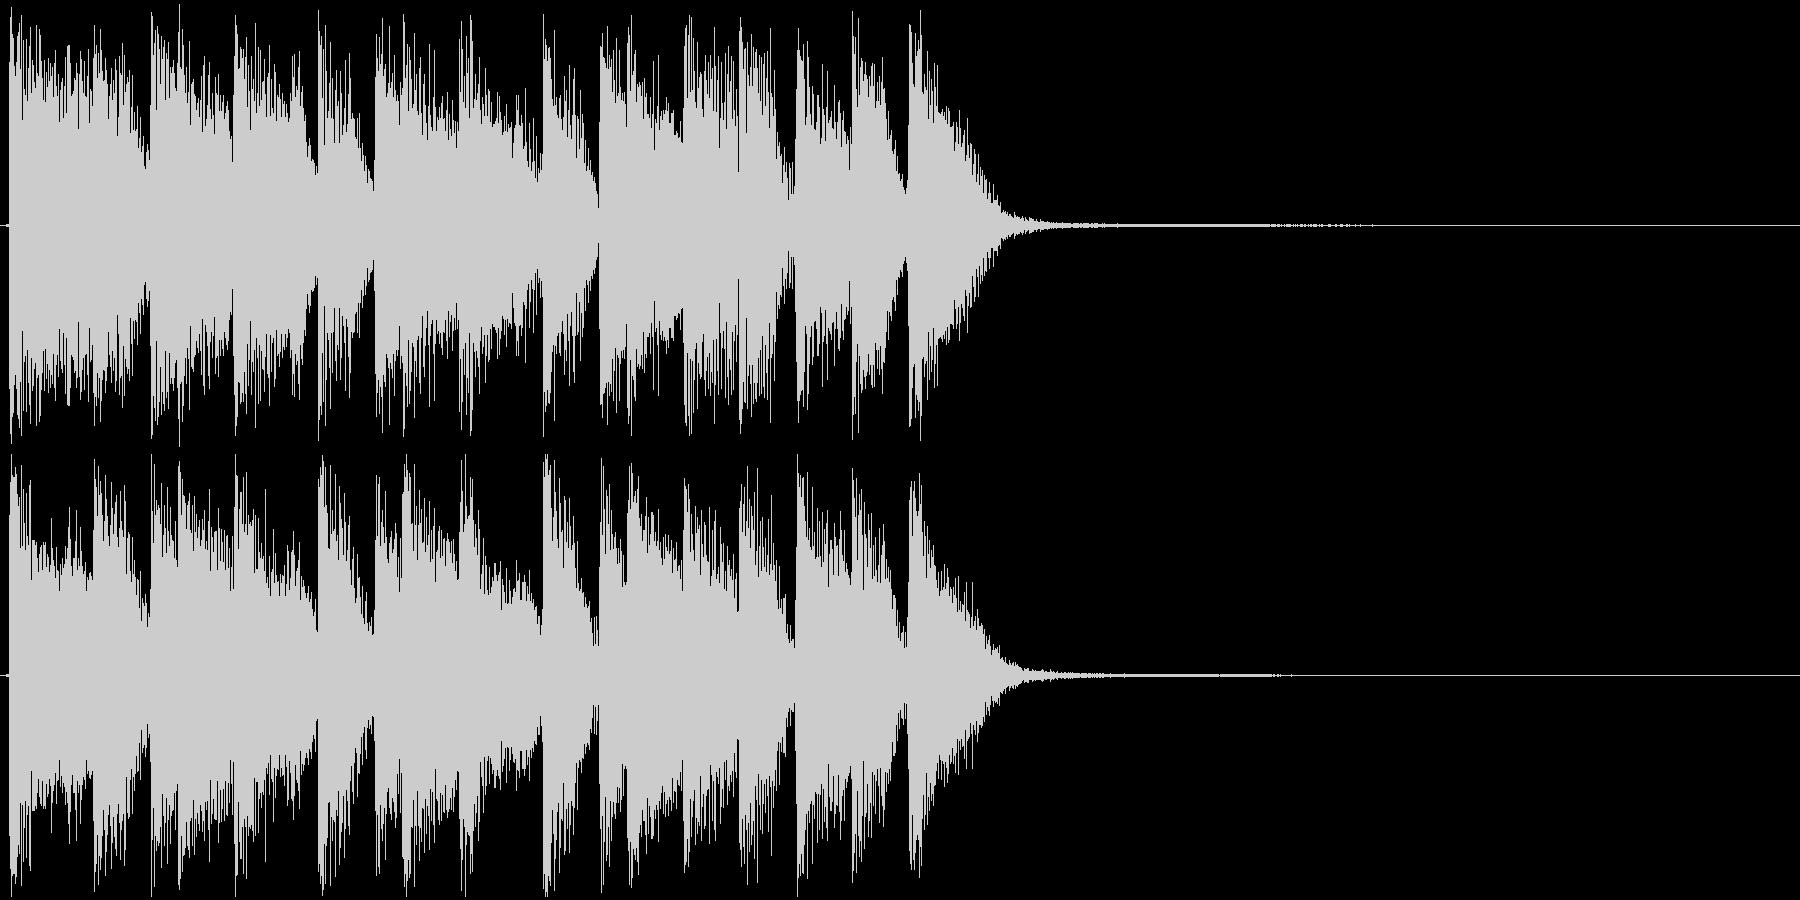 アイキャッチ・ピアノ・ジャズロックの未再生の波形